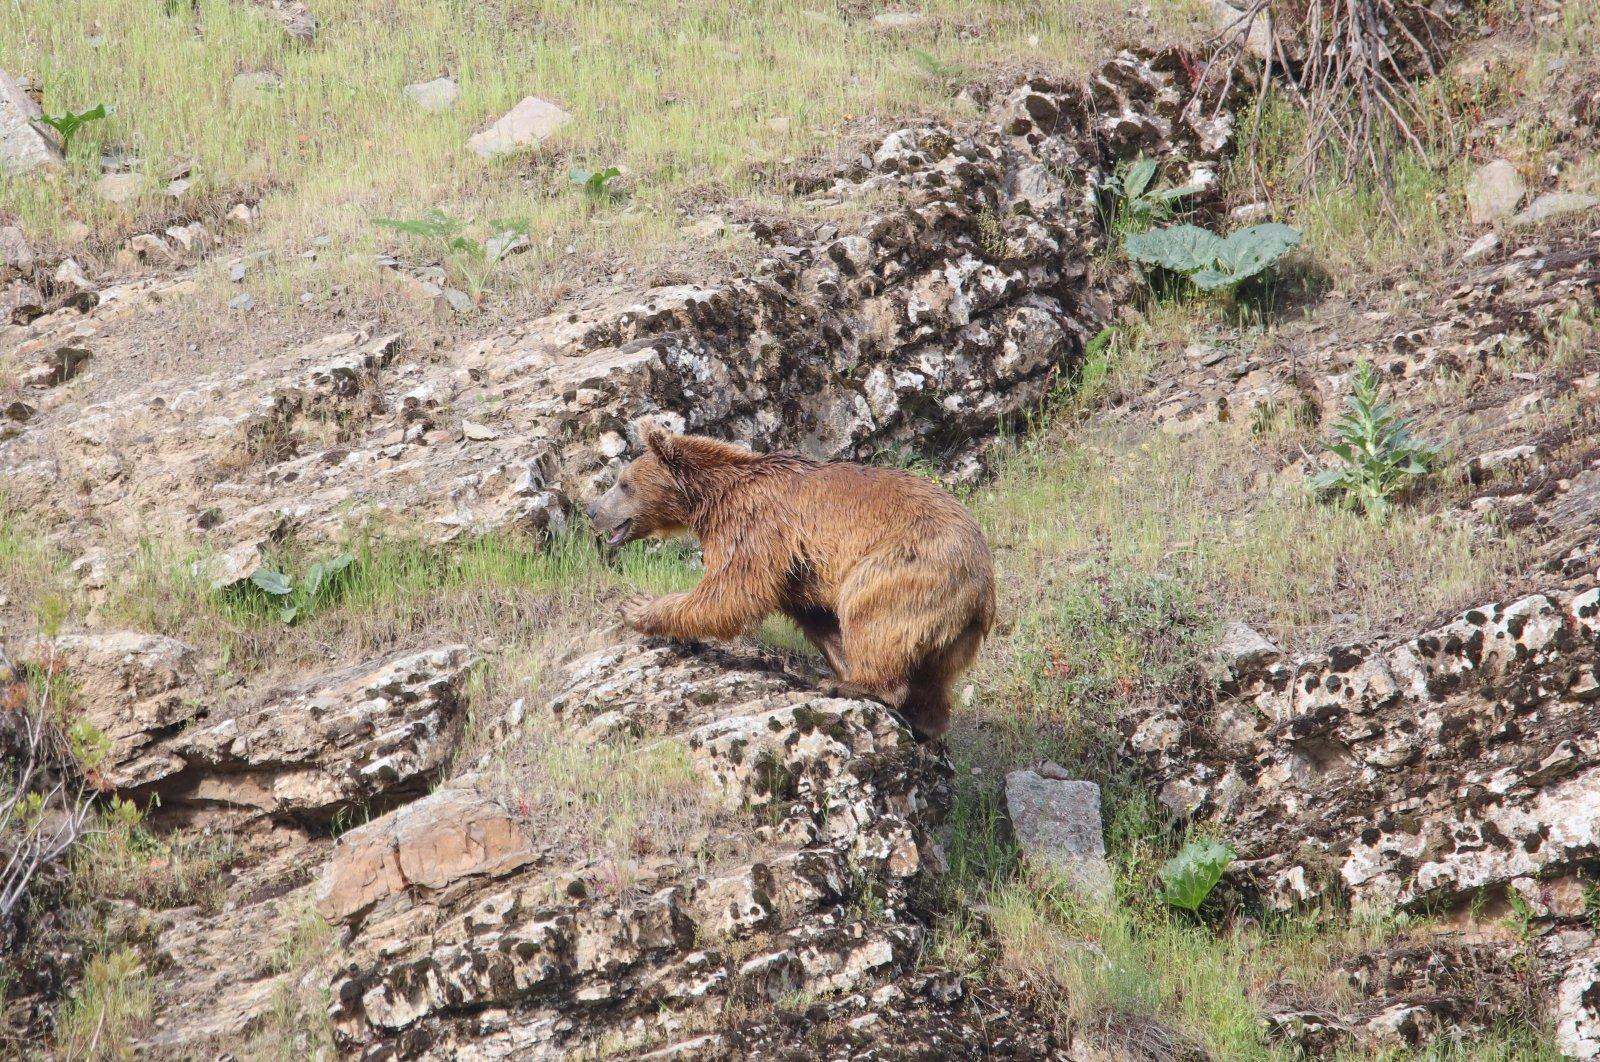 A bear is seen near a village in Hakkari province in southeastern Turkey, July 19, 2020. (AA Photo)